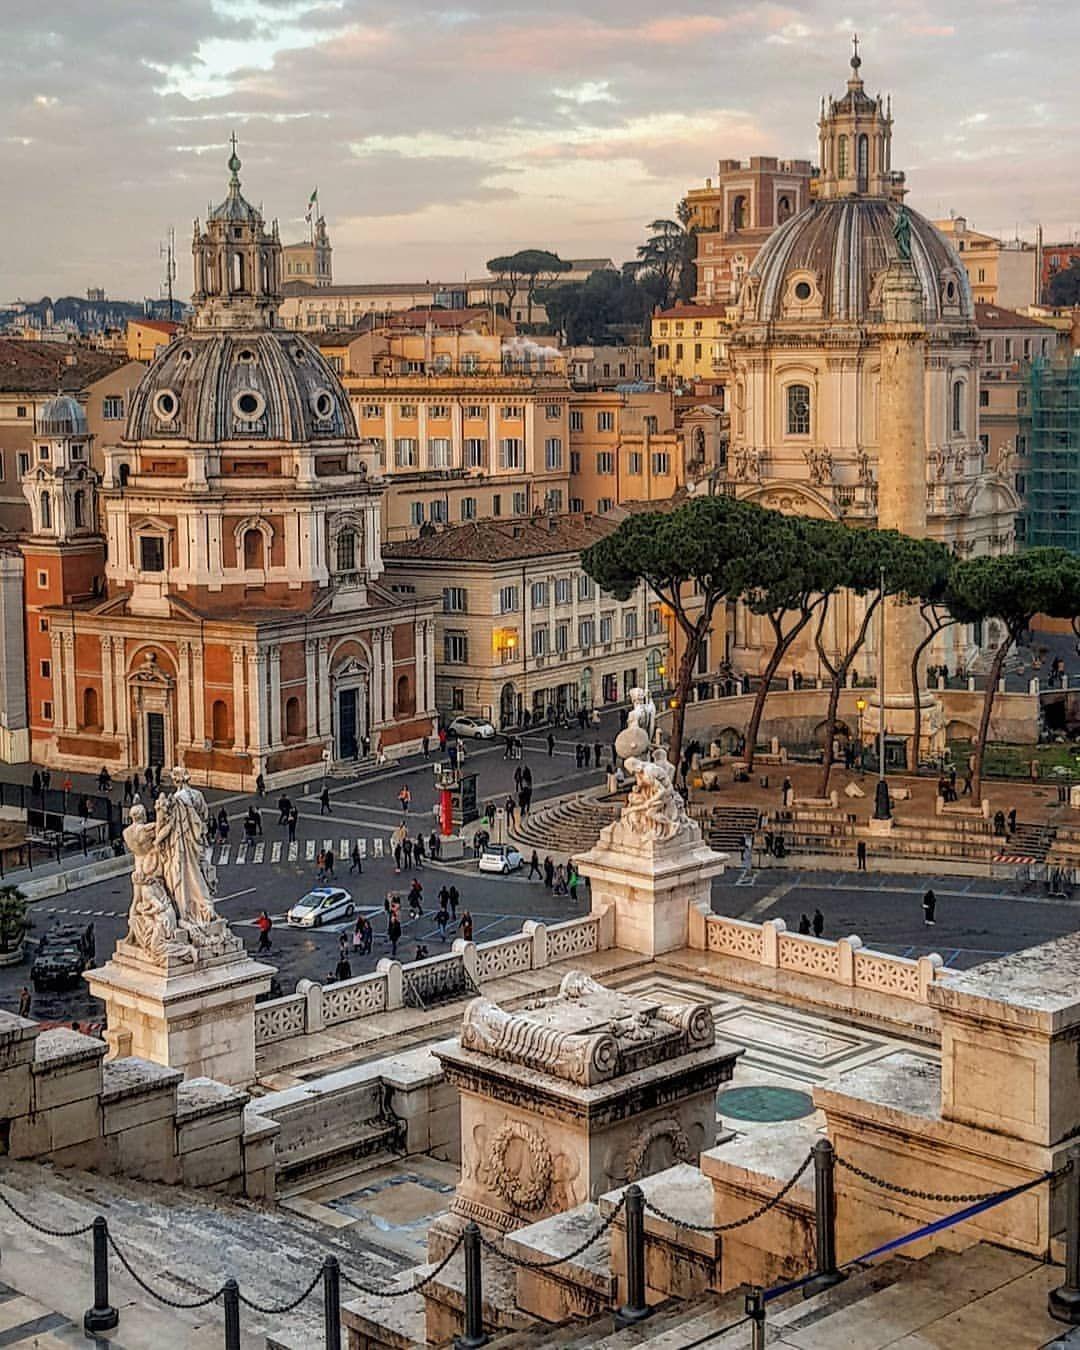 City Best Views Gorodskie Vidy On Instagram Rome Italy Rim Italiya Blu Oltre Mare Follow Cit Rim Italiya Italiya Otdyh Krasivye Mesta